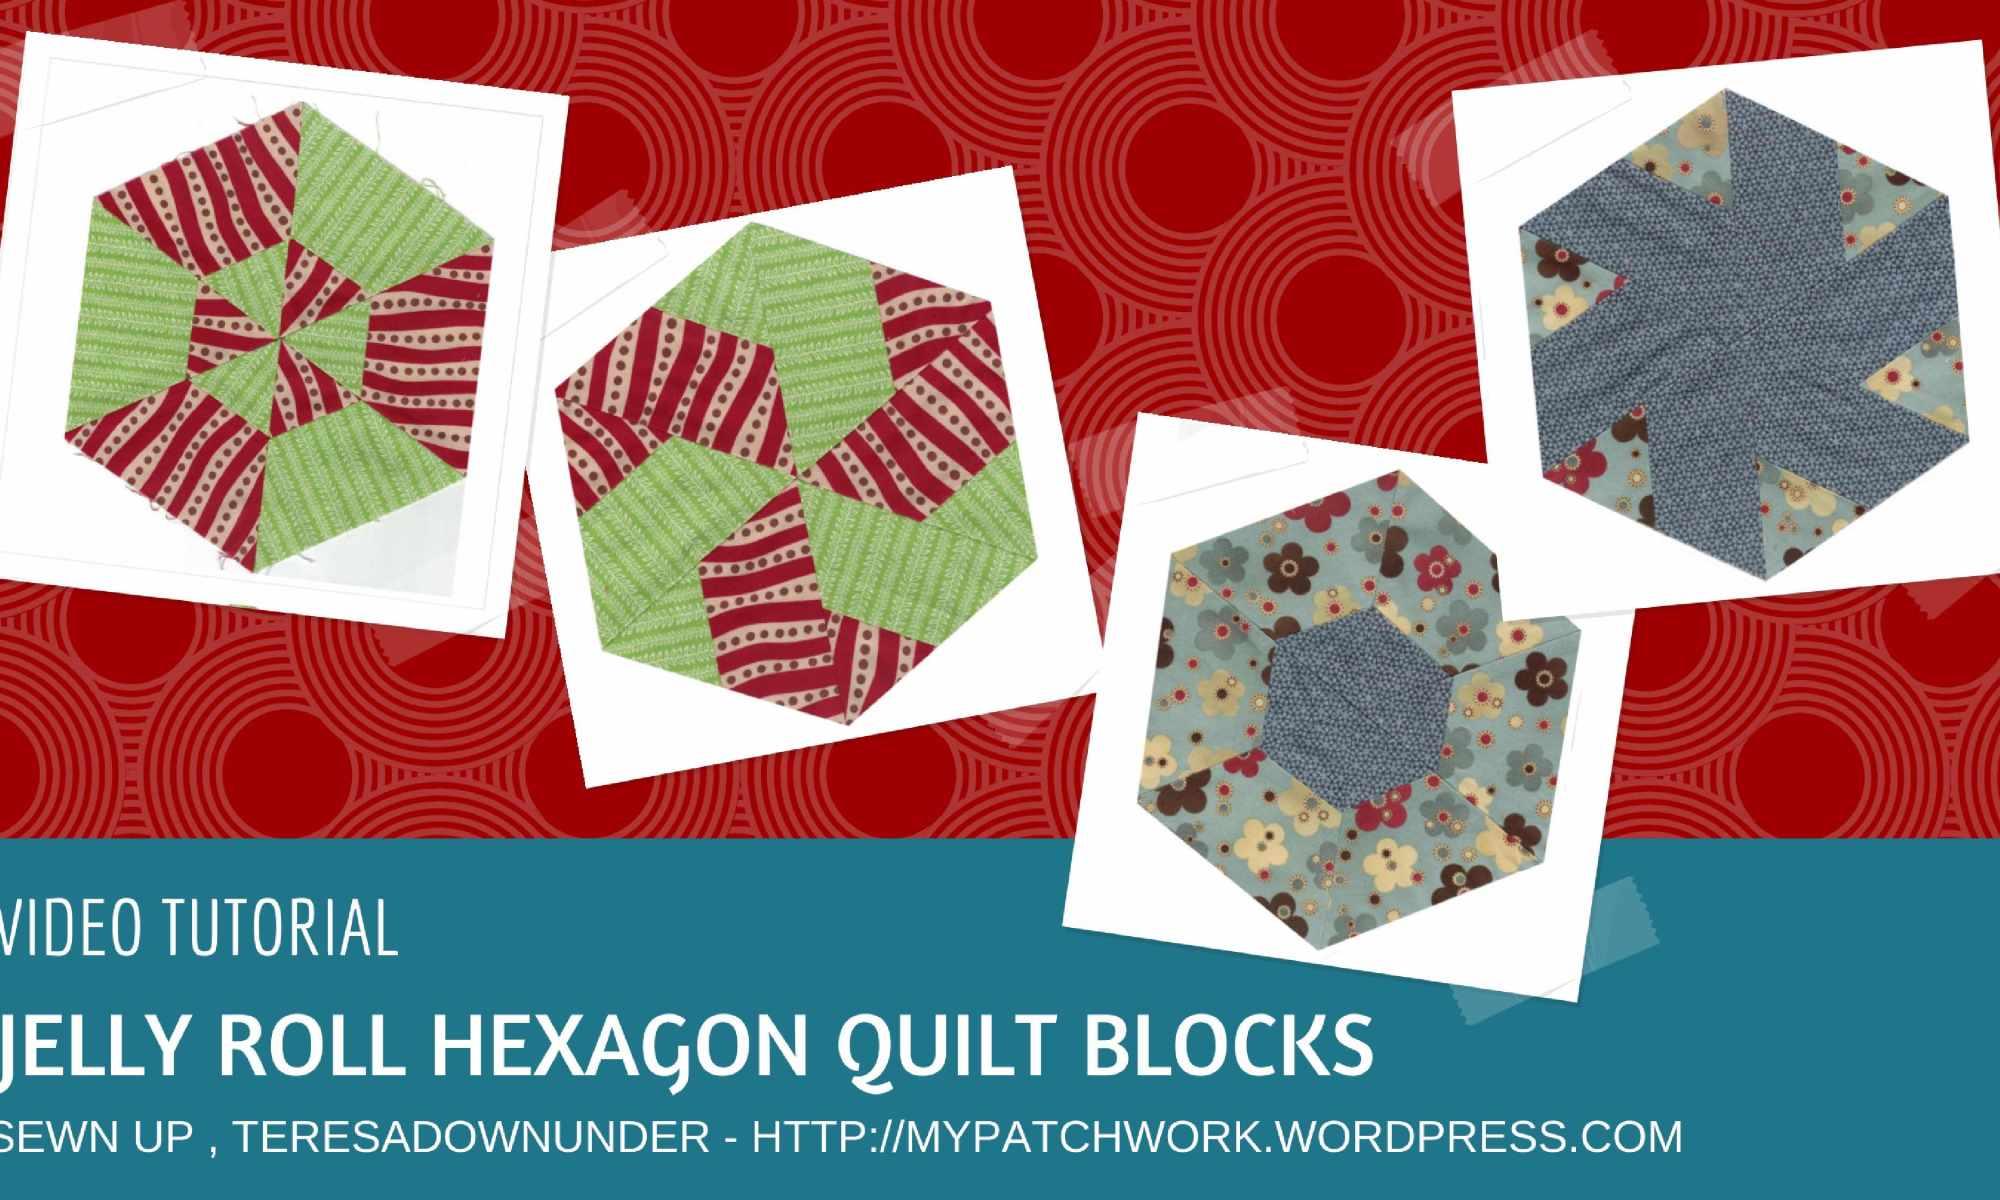 Video tutorial: jelly roll quilt blocks